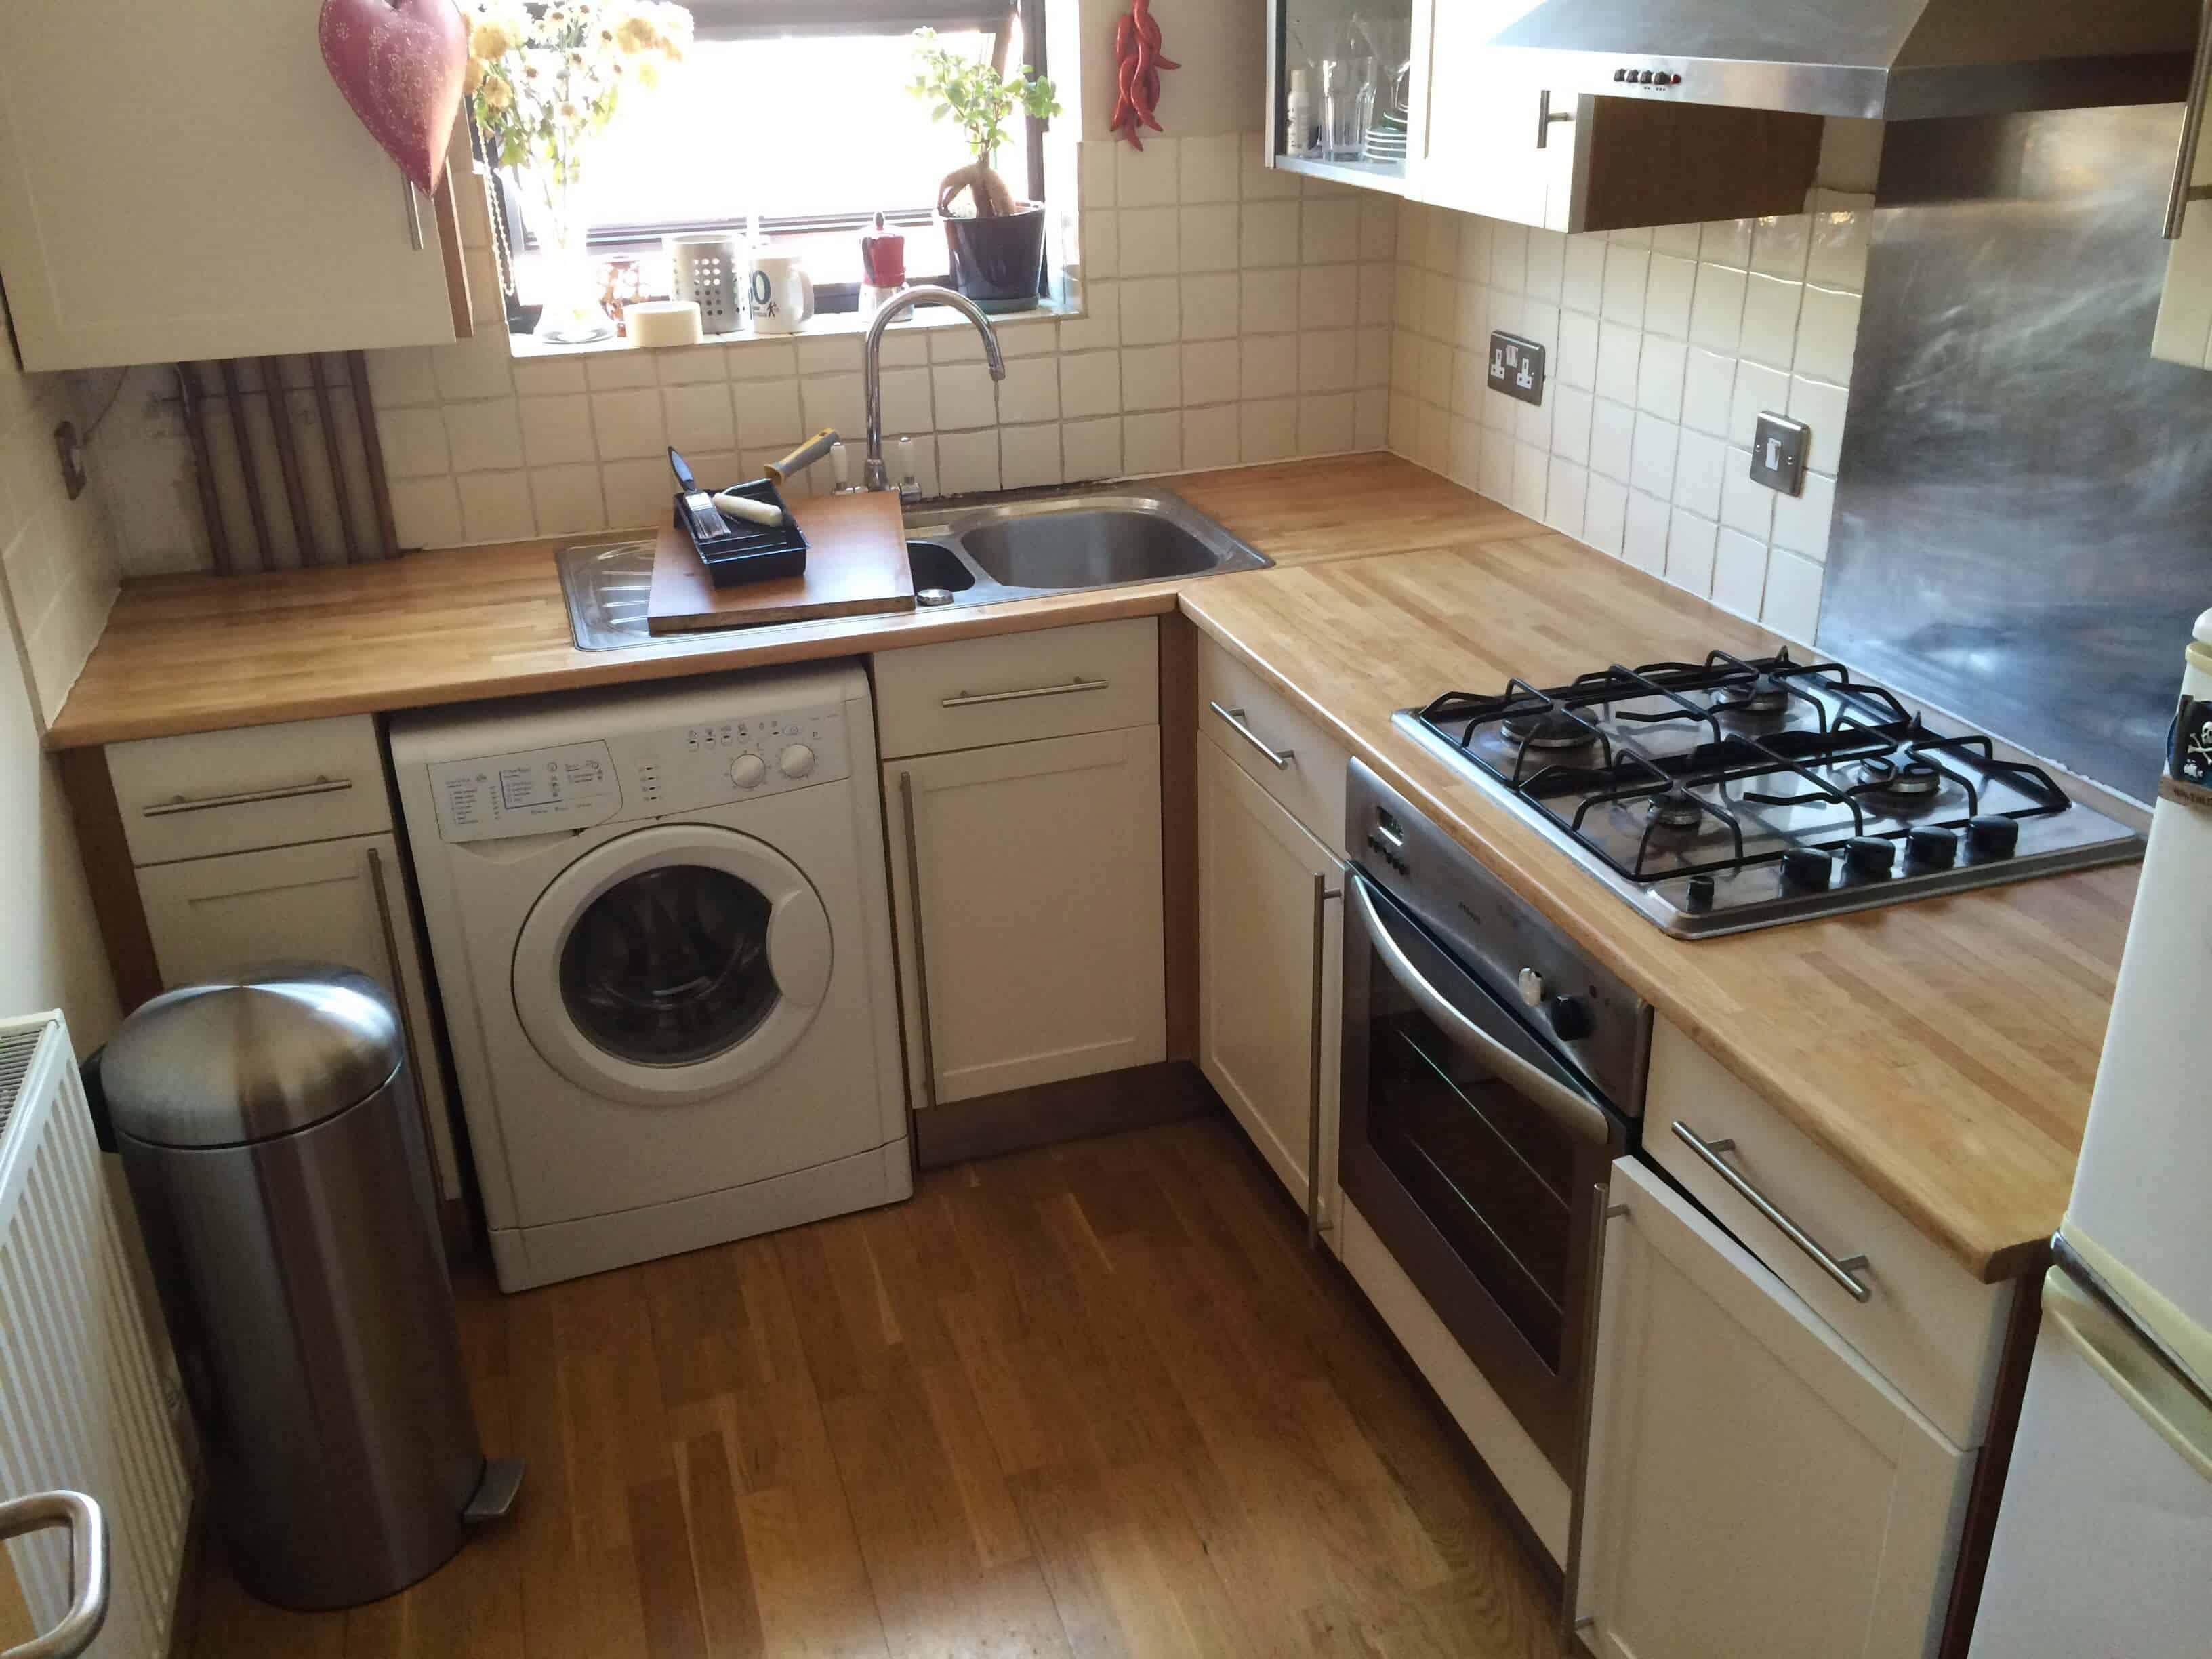 Restore kitchen worktop6